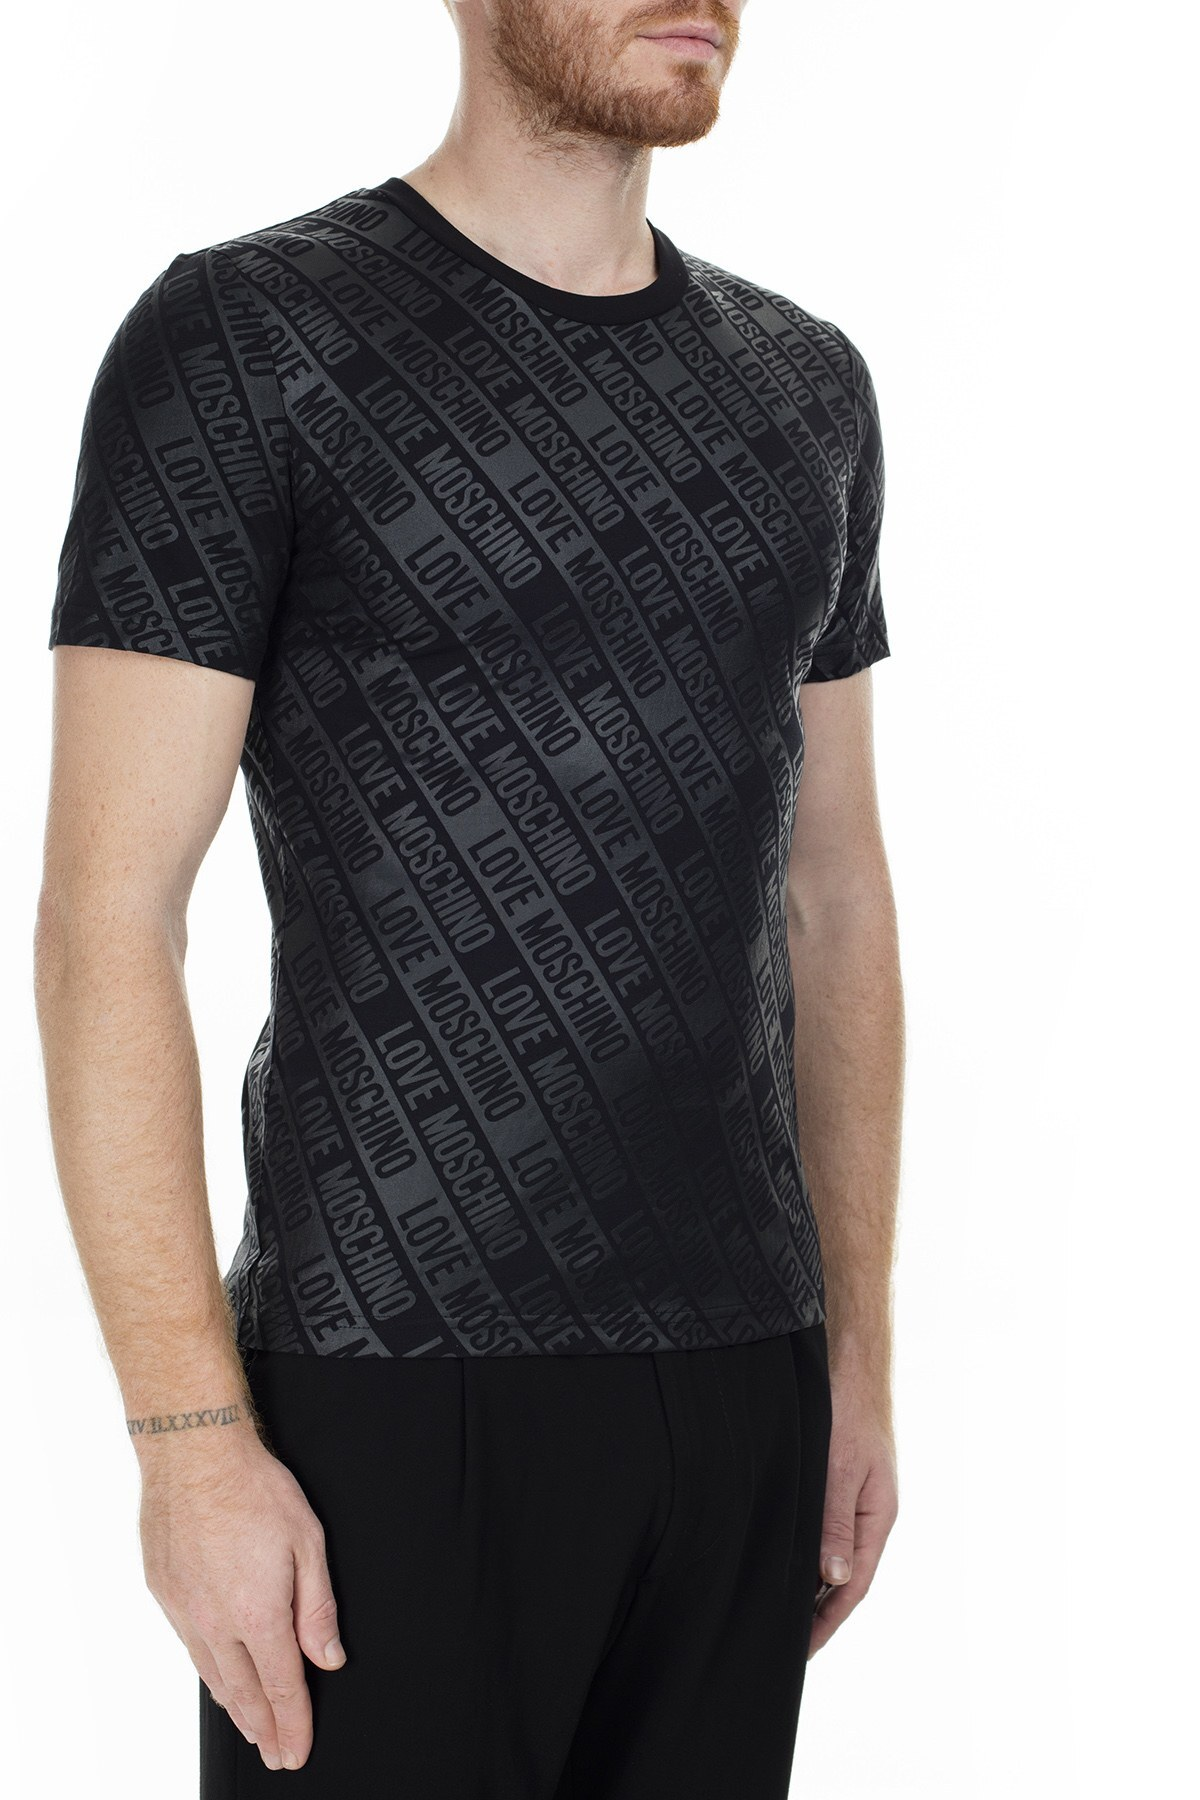 Love Moschino Erkek T Shirt S M473100E2013 0017 SİYAH